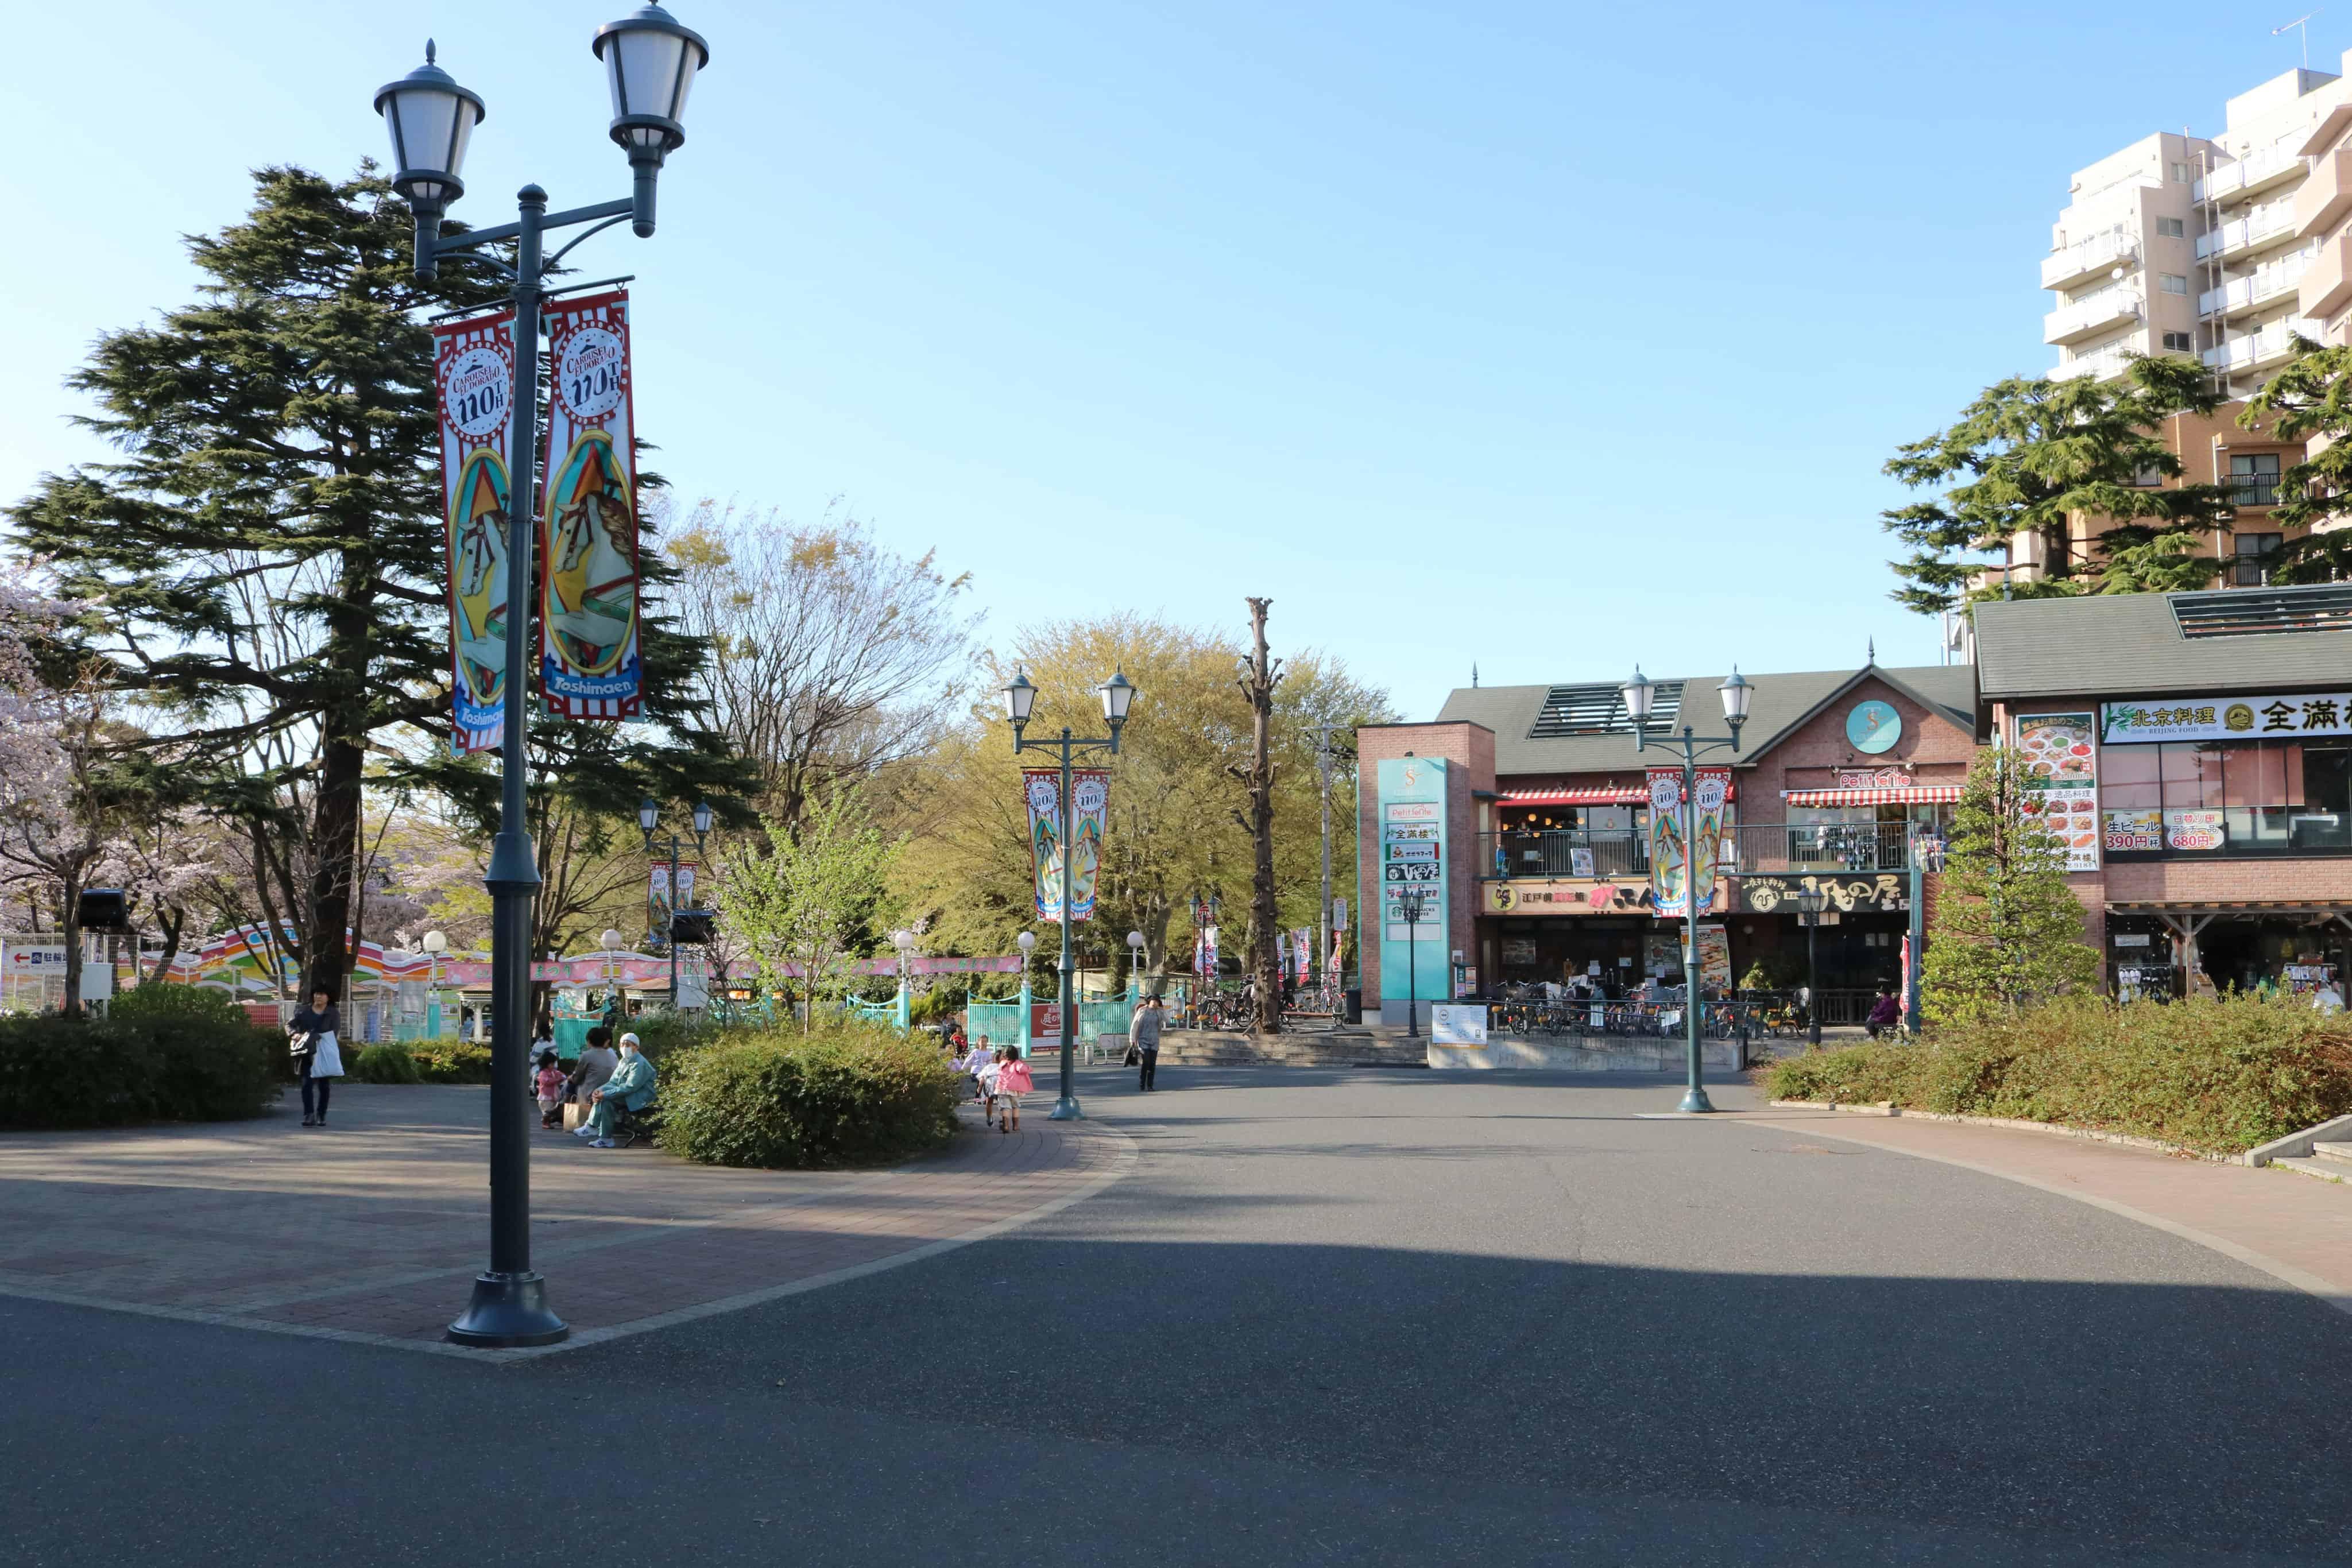 ลานกว้างด้านหน้าสถานีโทชิมะเอ็น (Toshimaen)